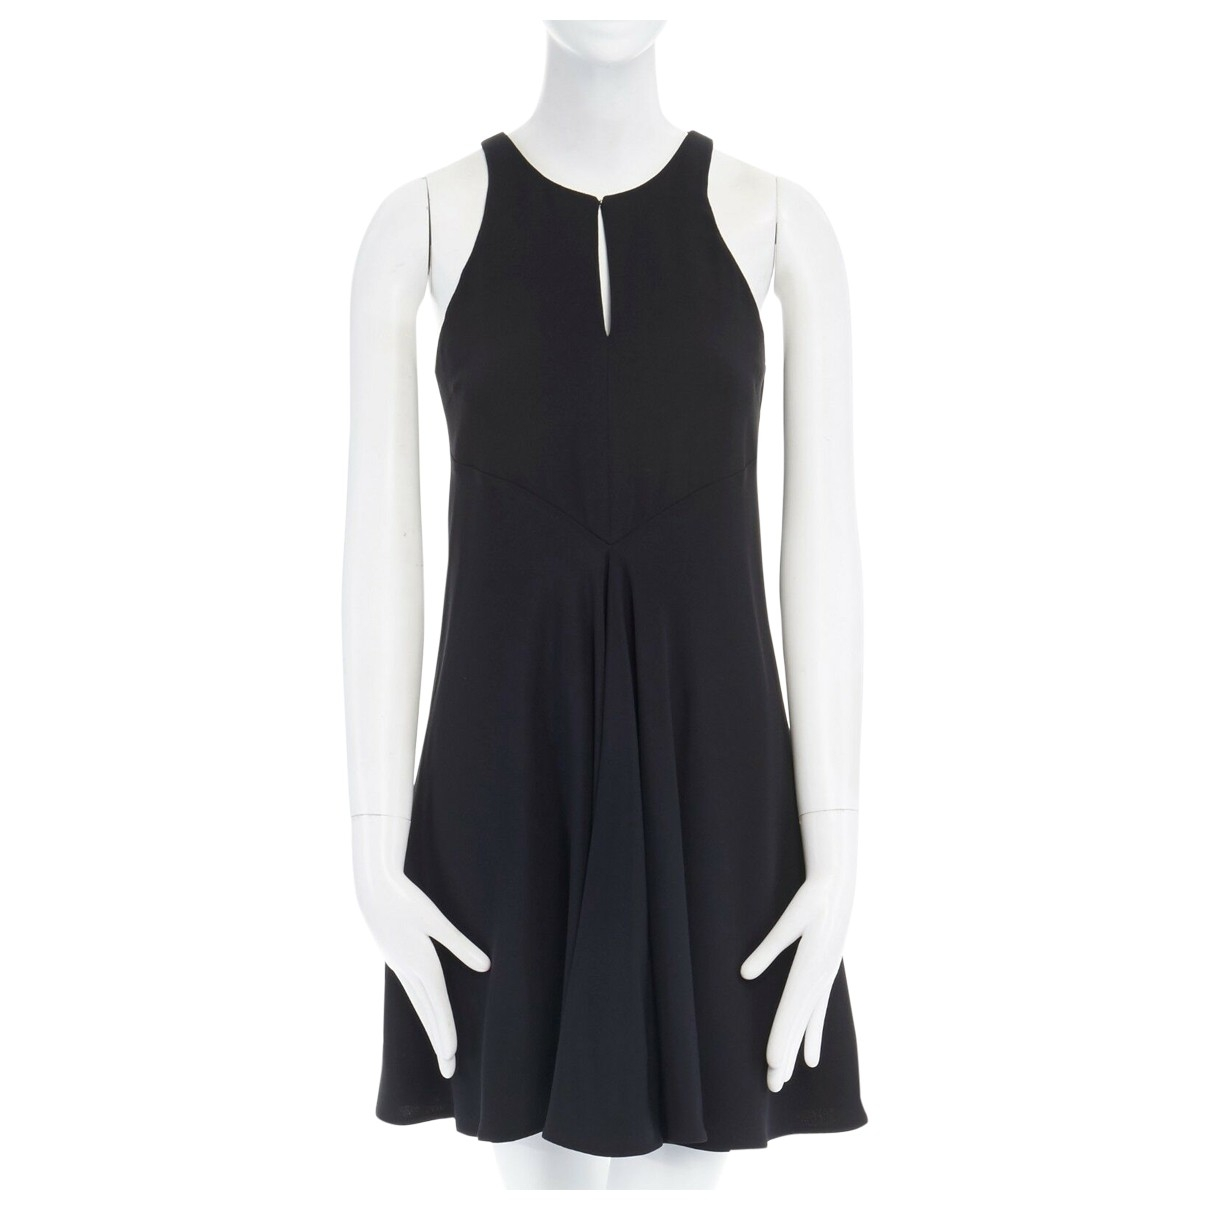 Stella Mccartney \N Black dress for Women 36 IT